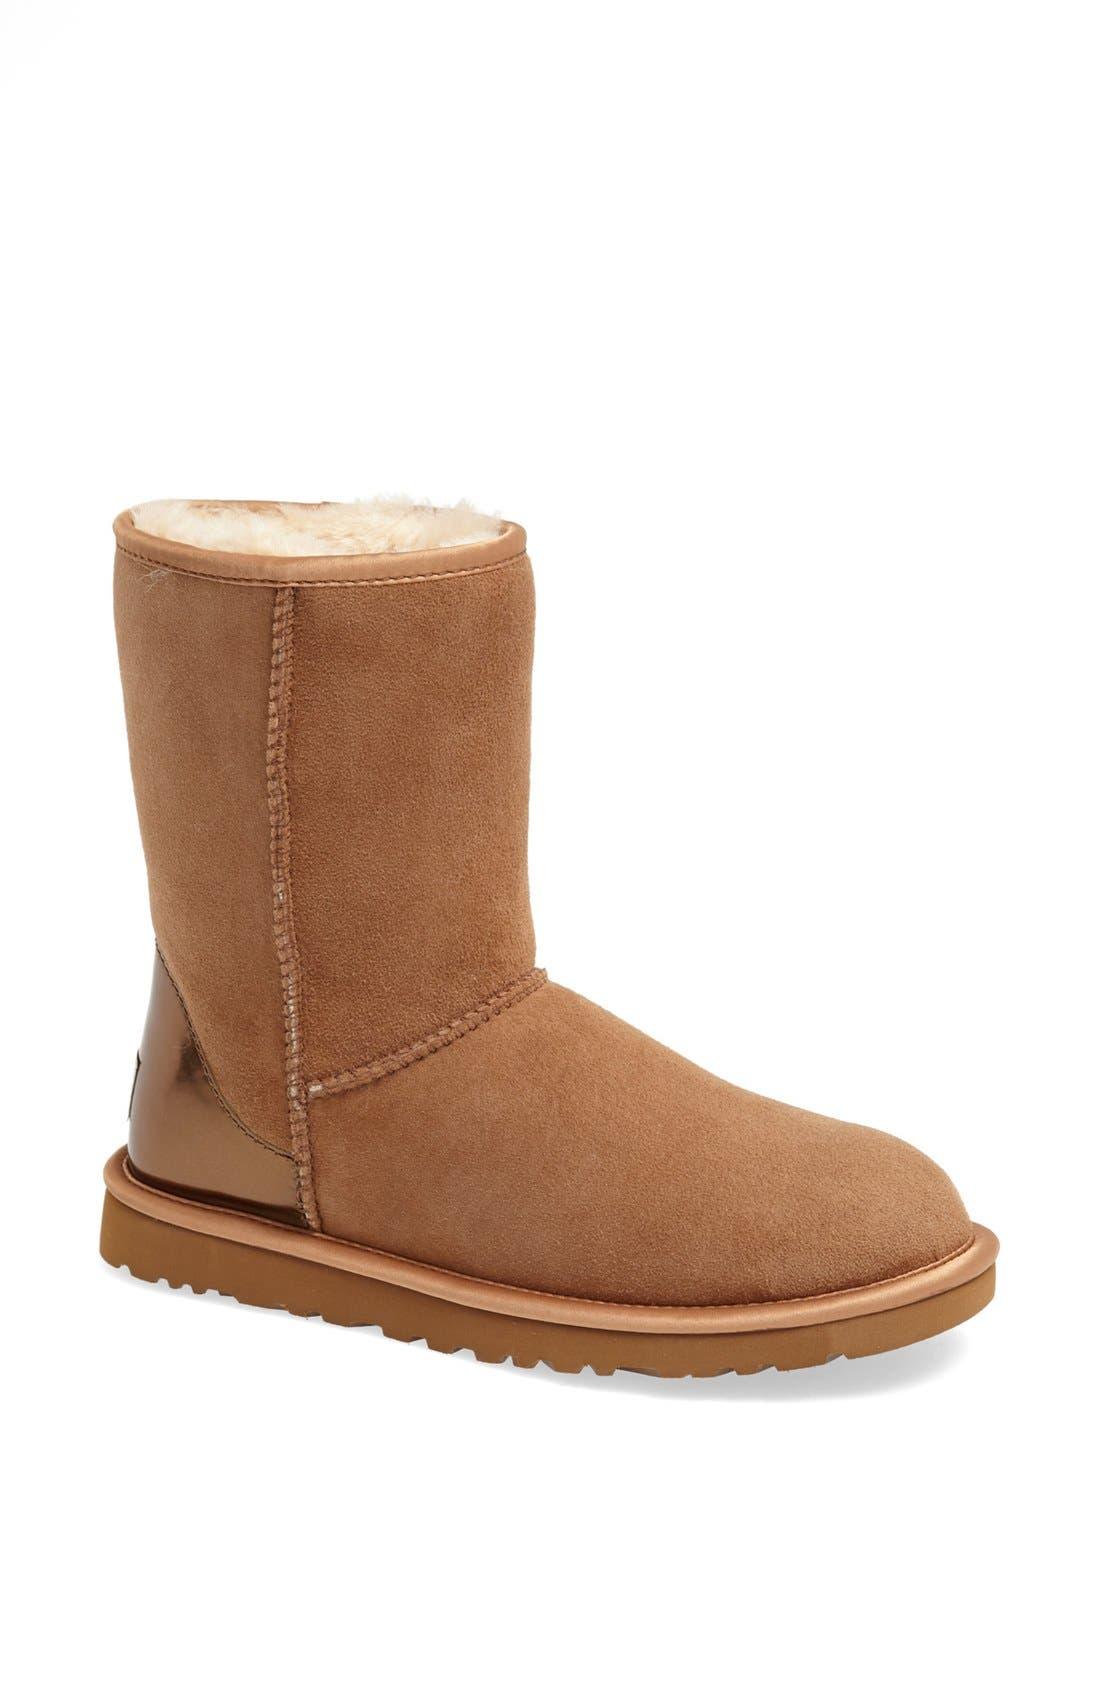 Main Image - UGG® Australia 'Classic Short' Metallic Patent Boot (Women)